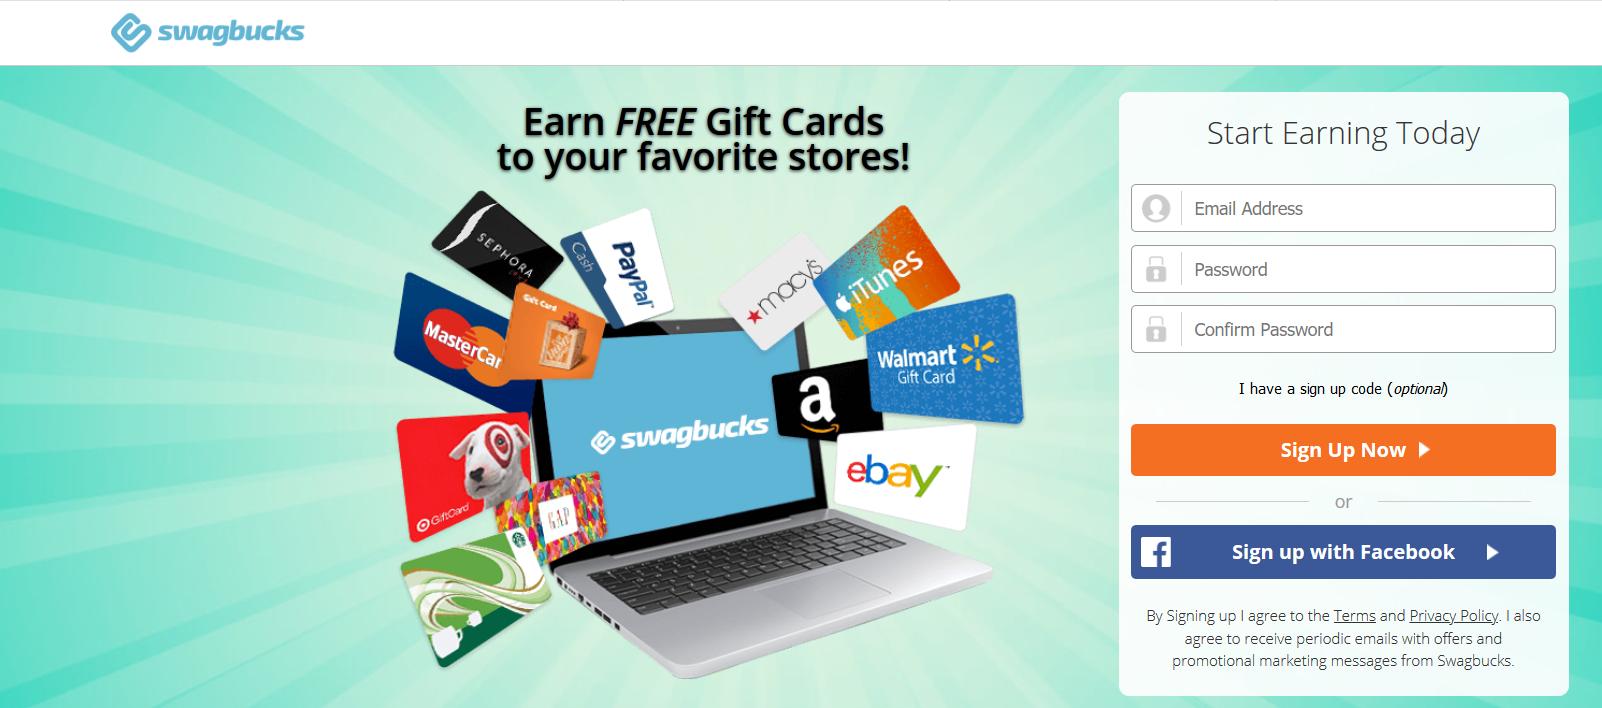 Swagbucks Bewertung: Verdiene kostenlose Geschenkkarten für deine Lieblingsgeschäfte!